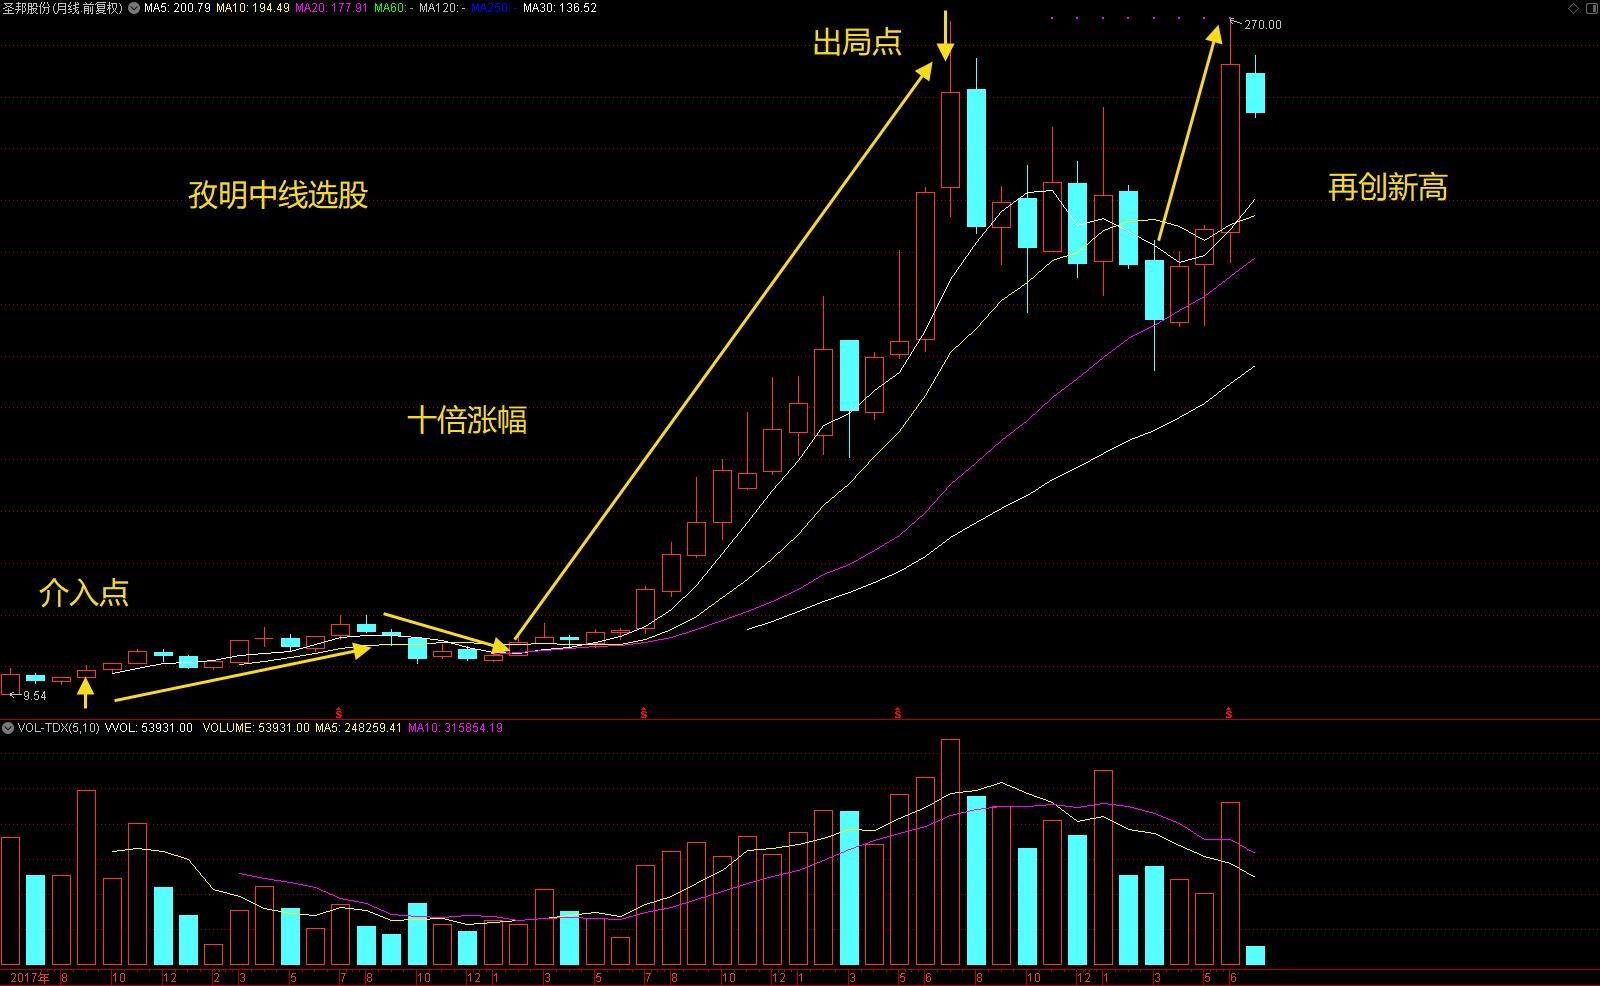 7.2 圣邦股份 十倍涨幅.jpg